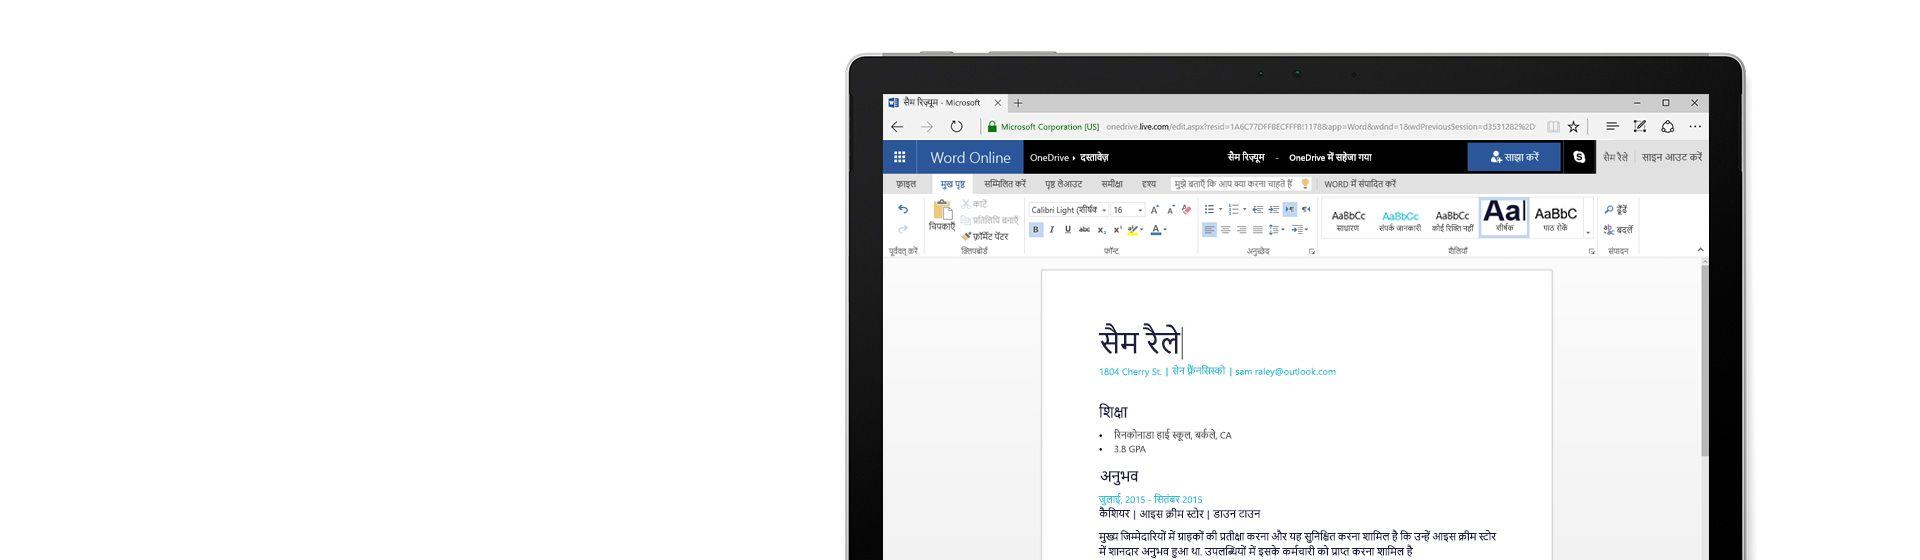 Word Online में बनाए जा रहे रेज्यूमे को प्रदर्शित करती हुई कंप्यूटर स्क्रीन